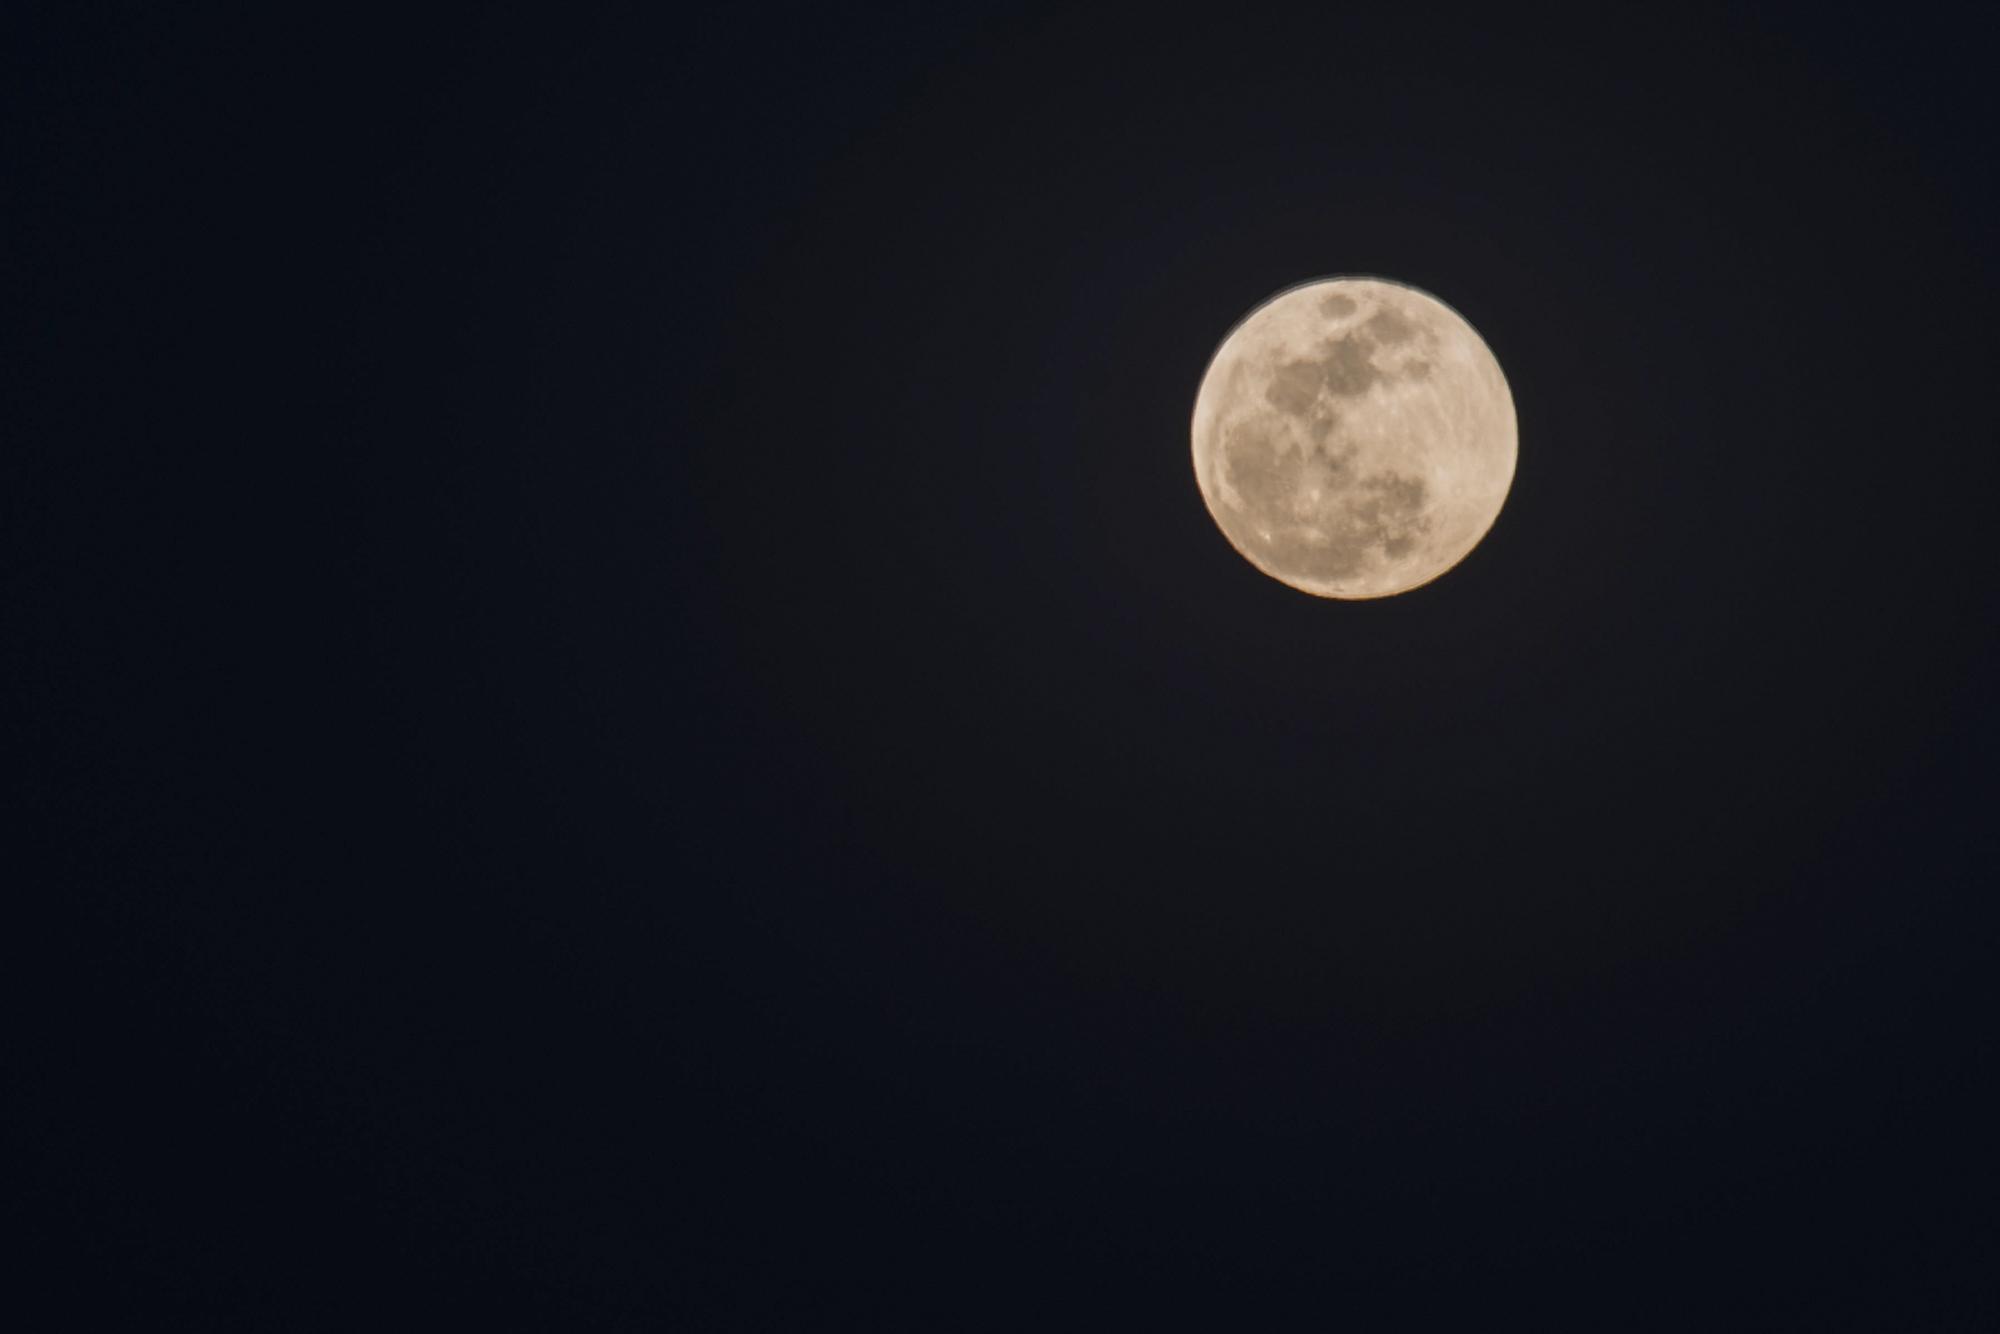 林泉一叟作品:今晚的月亮